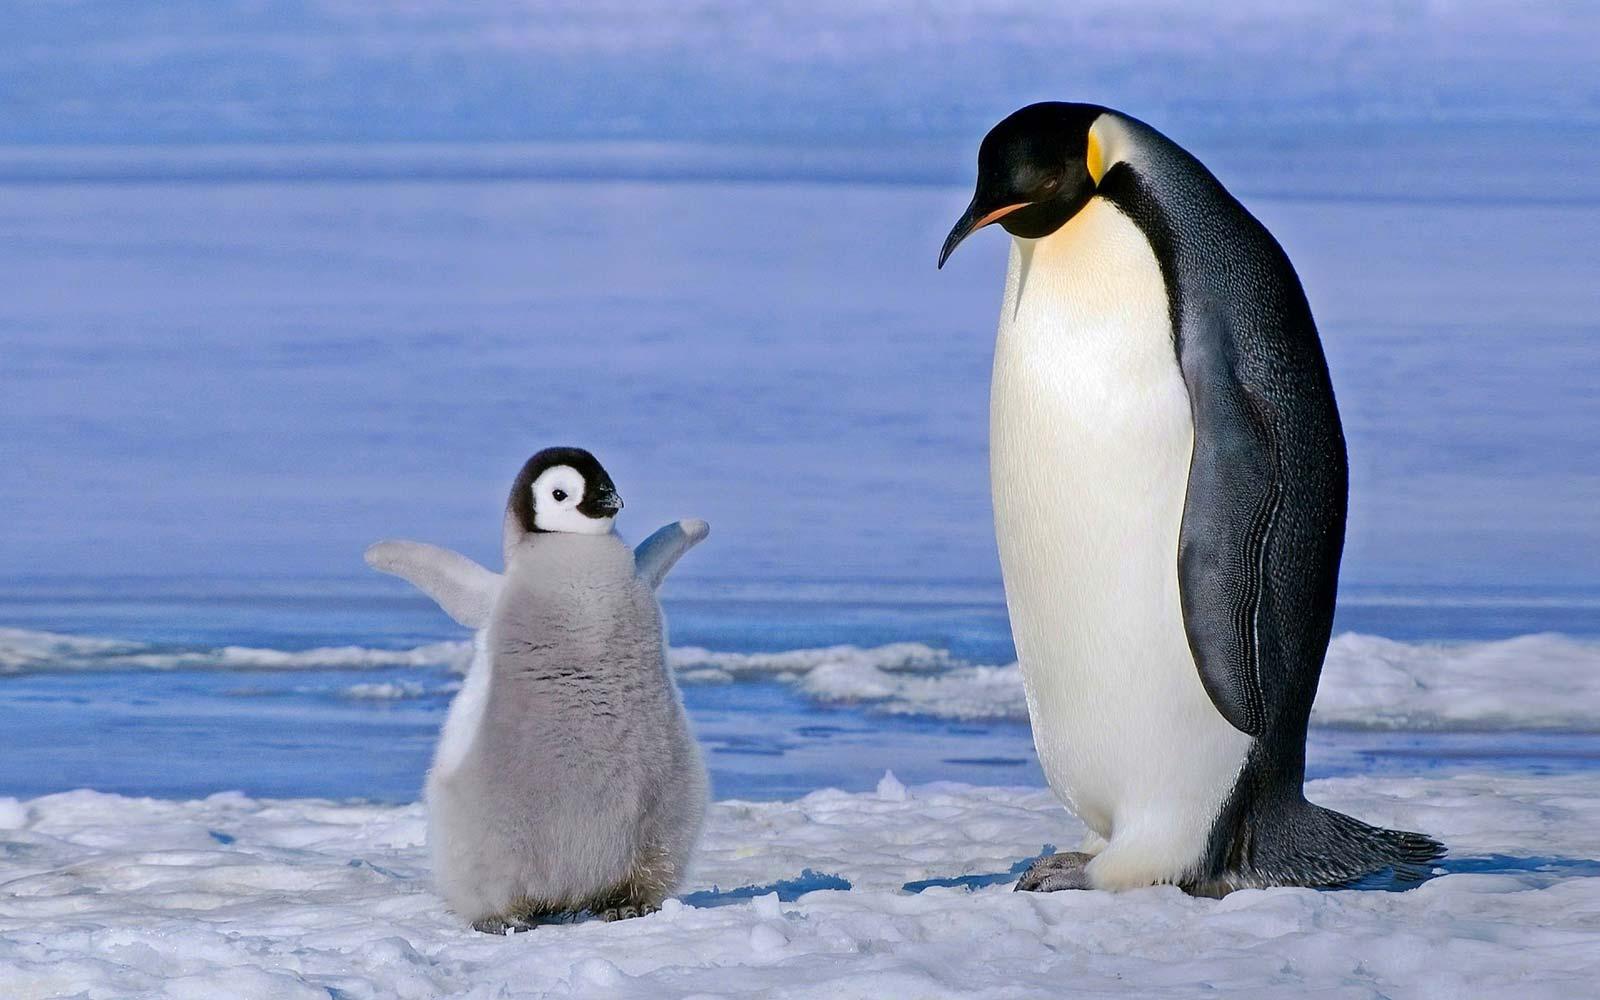 Сказка про экологию: как пингвину Джиму удалось спасти ледник